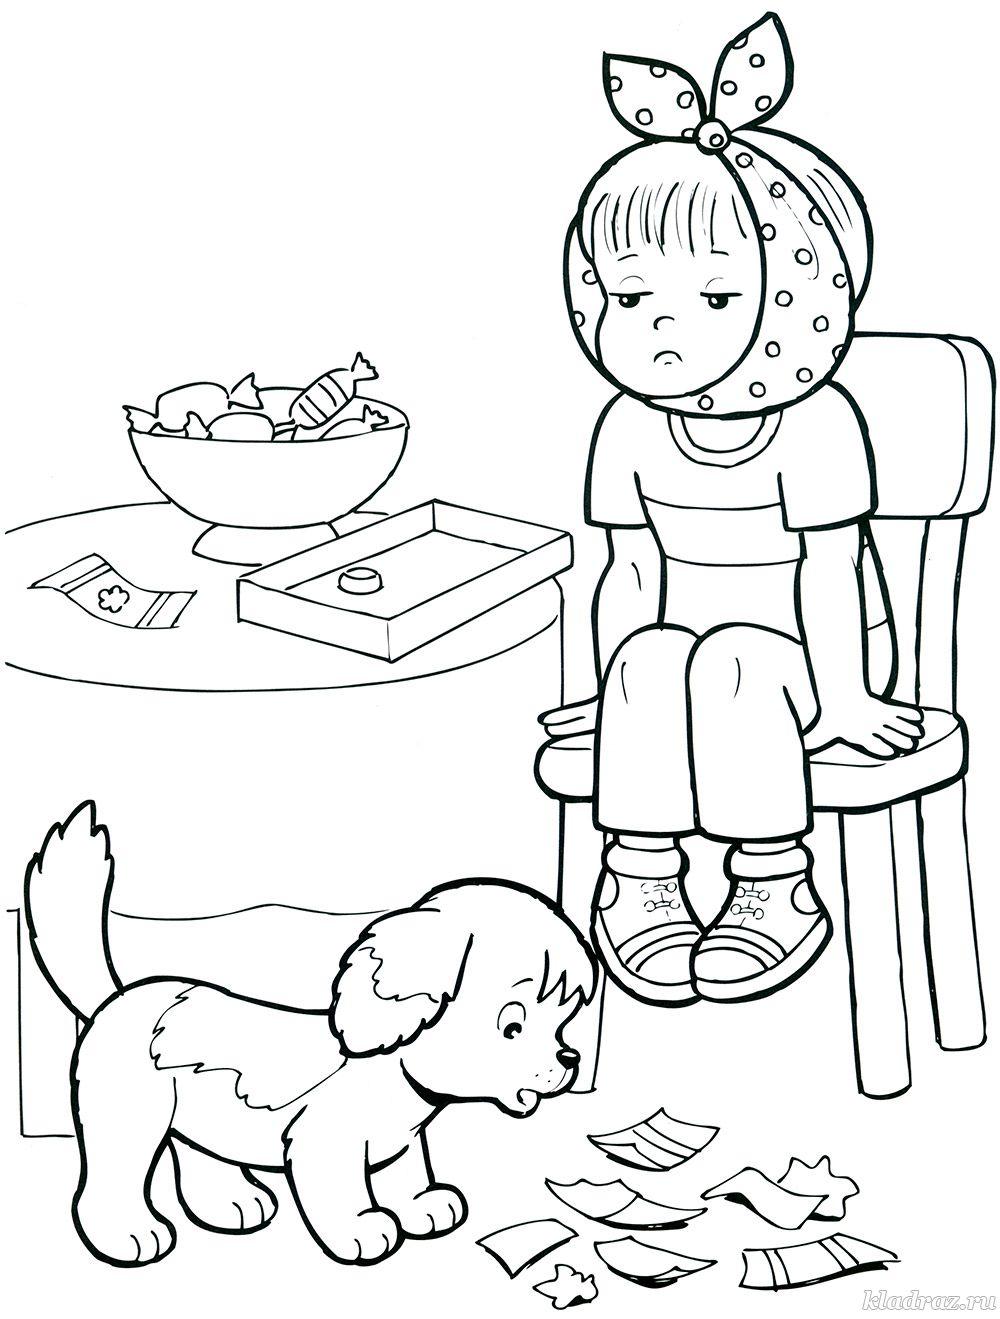 Раскраска для детей 5-7 лет на тему: ЗОЖ